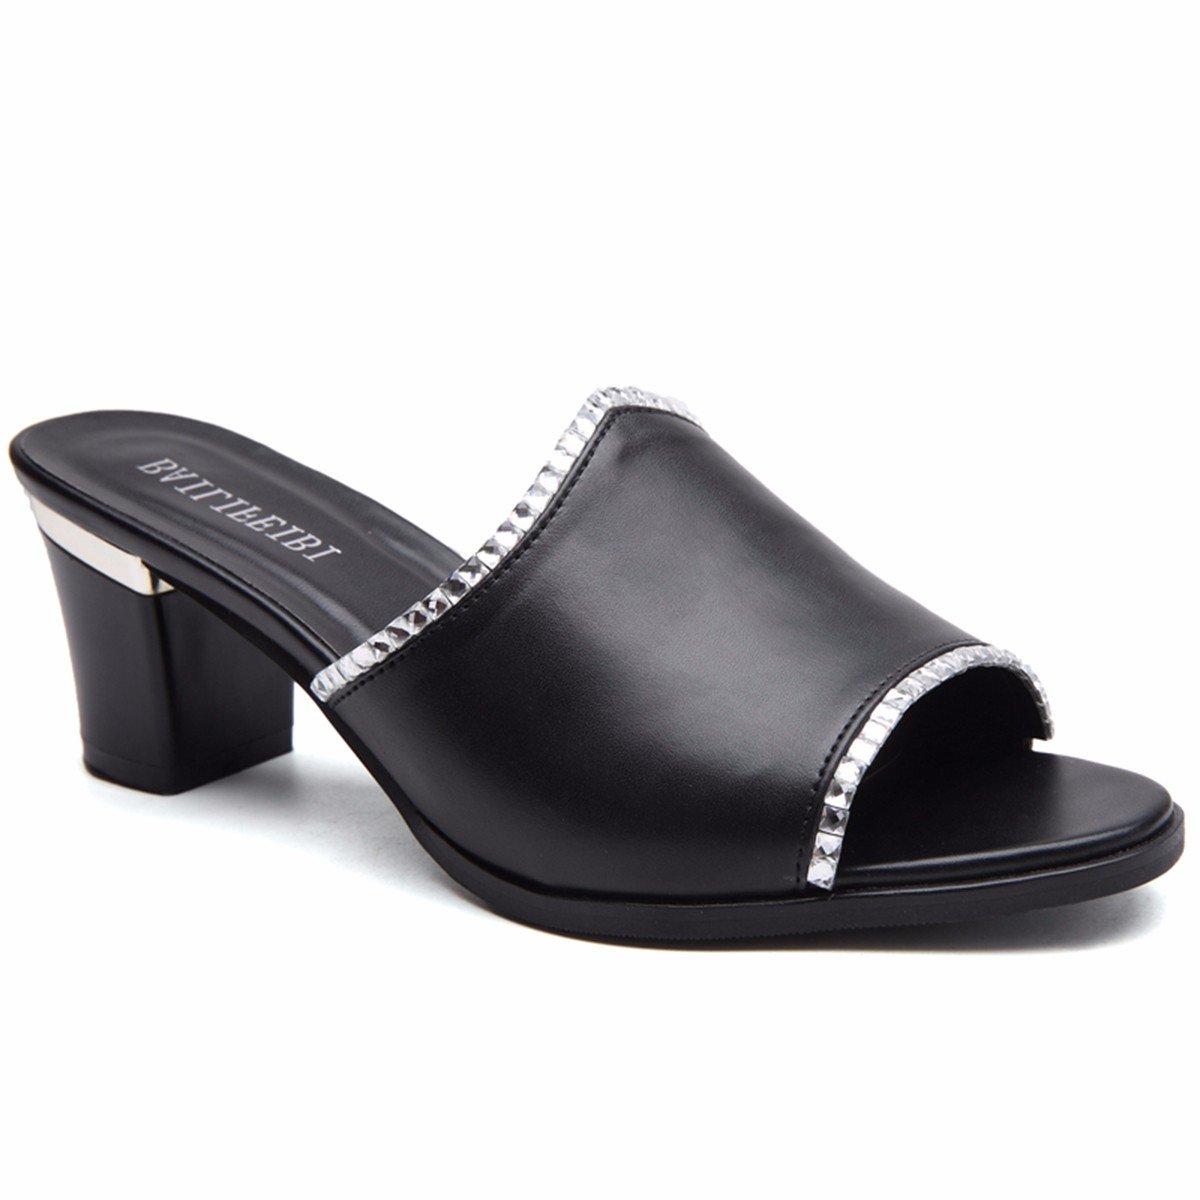 JRFBA-Damenschuhe Coole Schuhe im Sommer mit Sandalen und sexy Casual Sommer Damenschuhe.